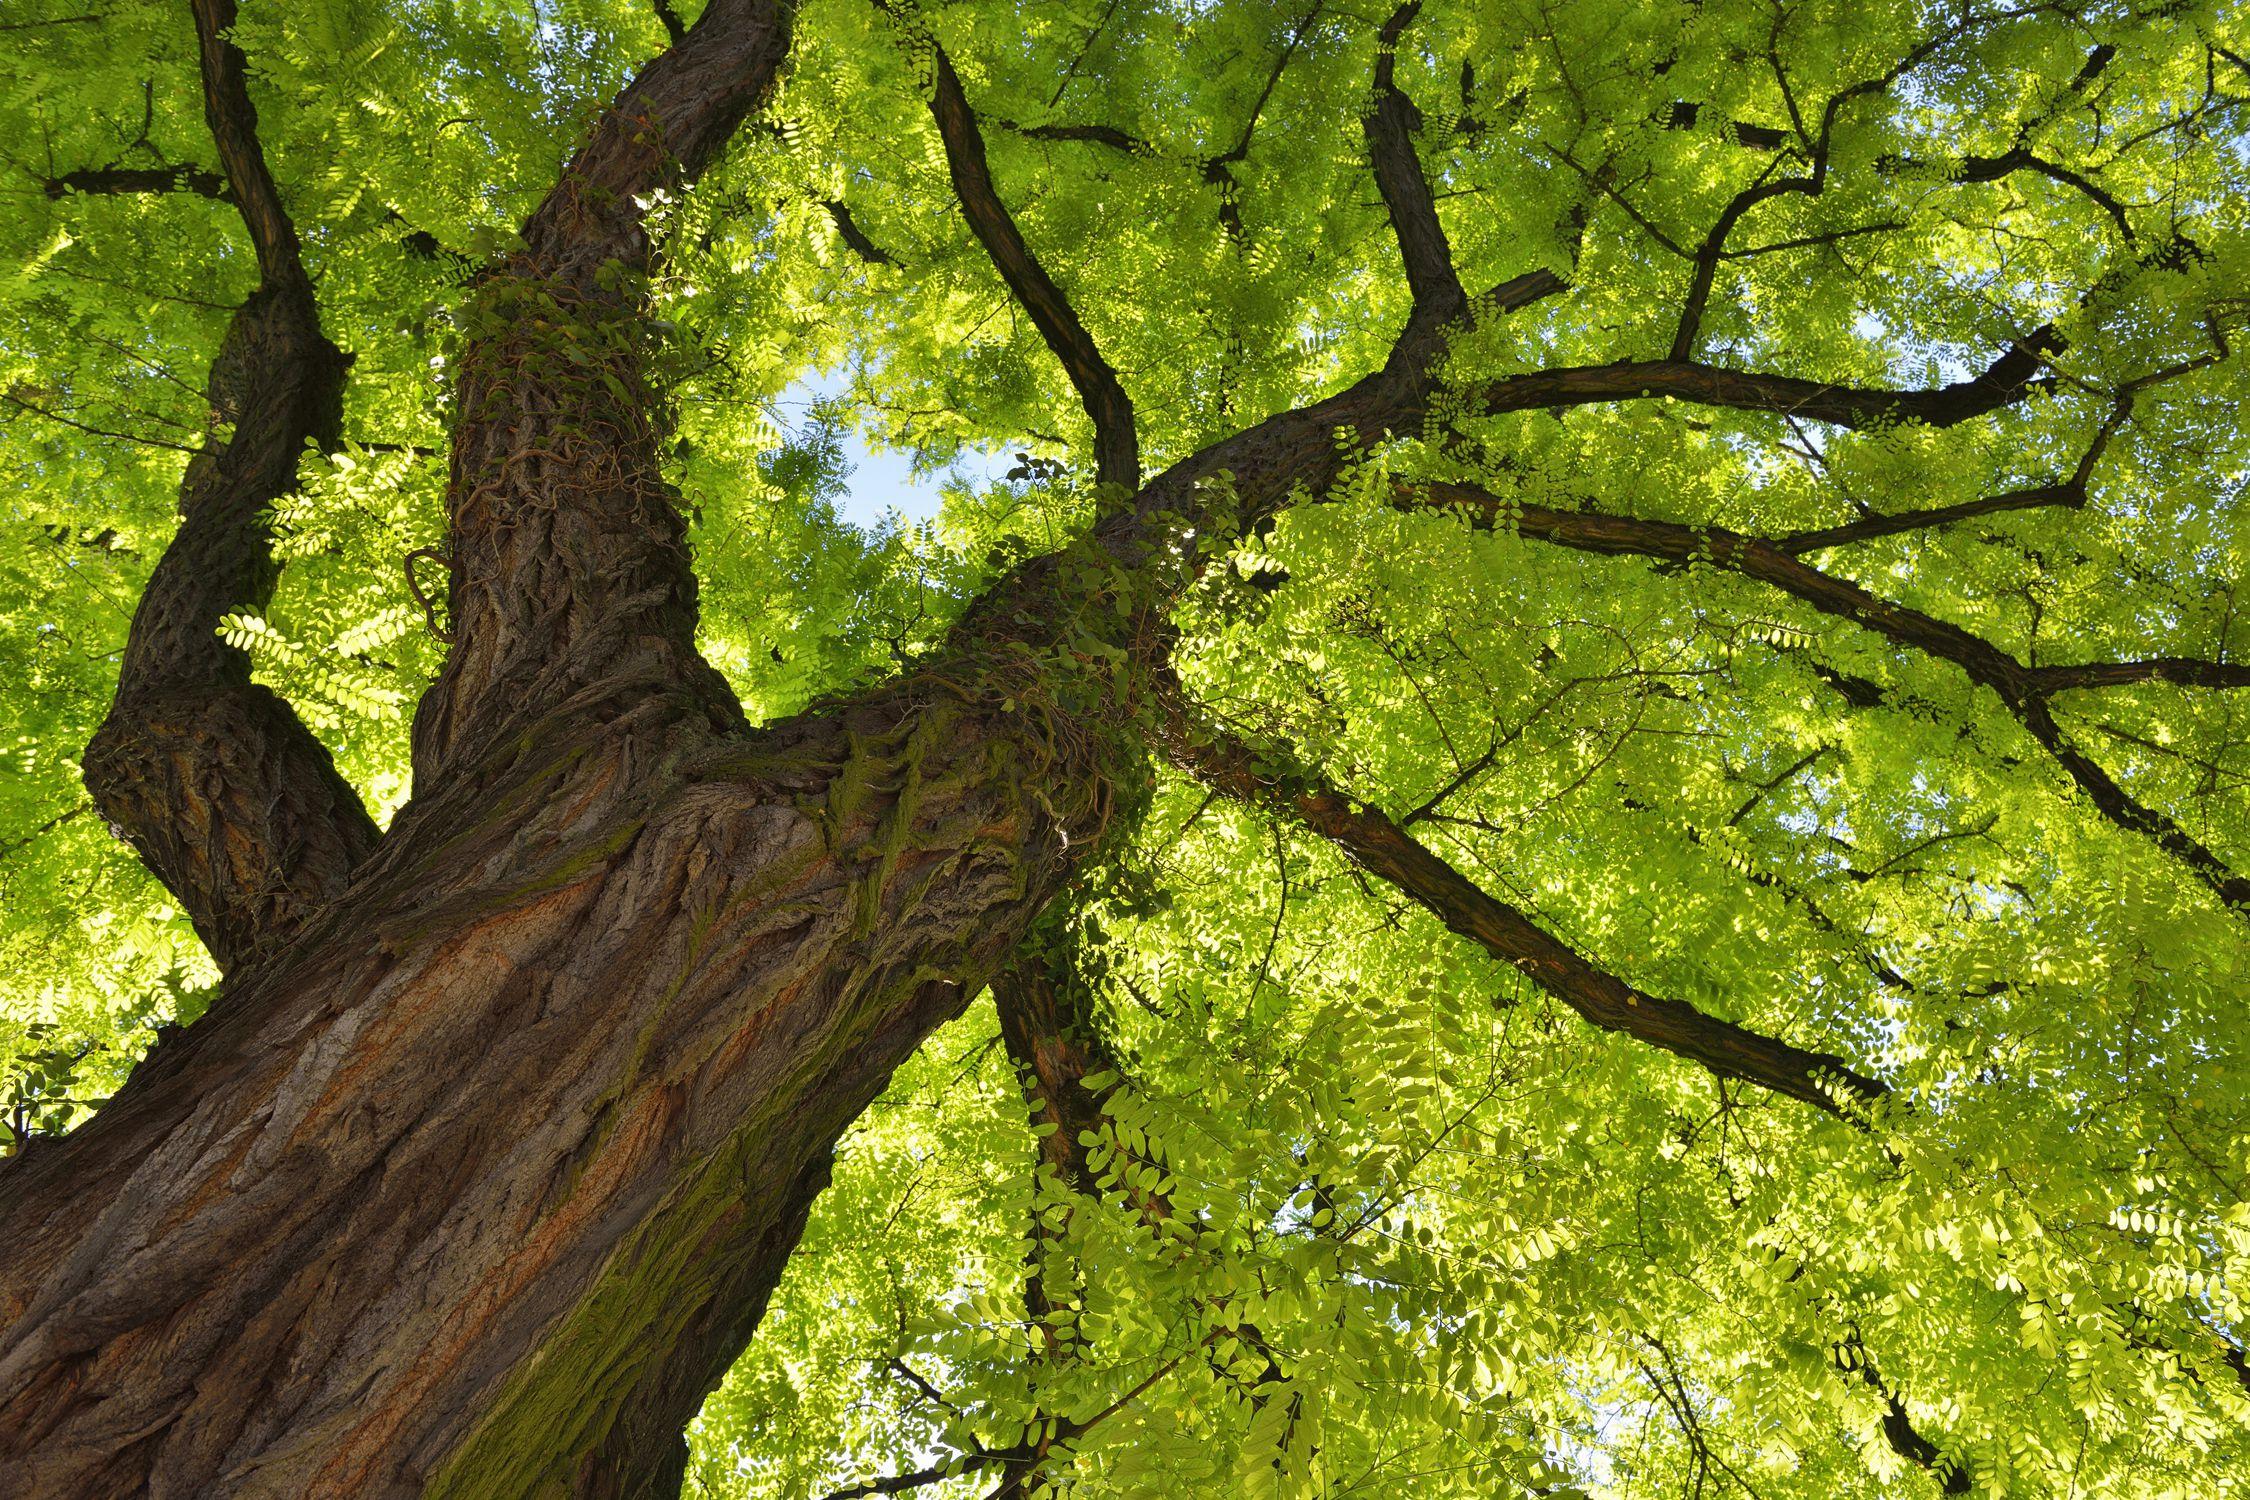 Das Bild eines Baumes blieb für Darwin bestehen, um sich das Keimen neuer Arten aus bestehenden Formen vorzustellen.